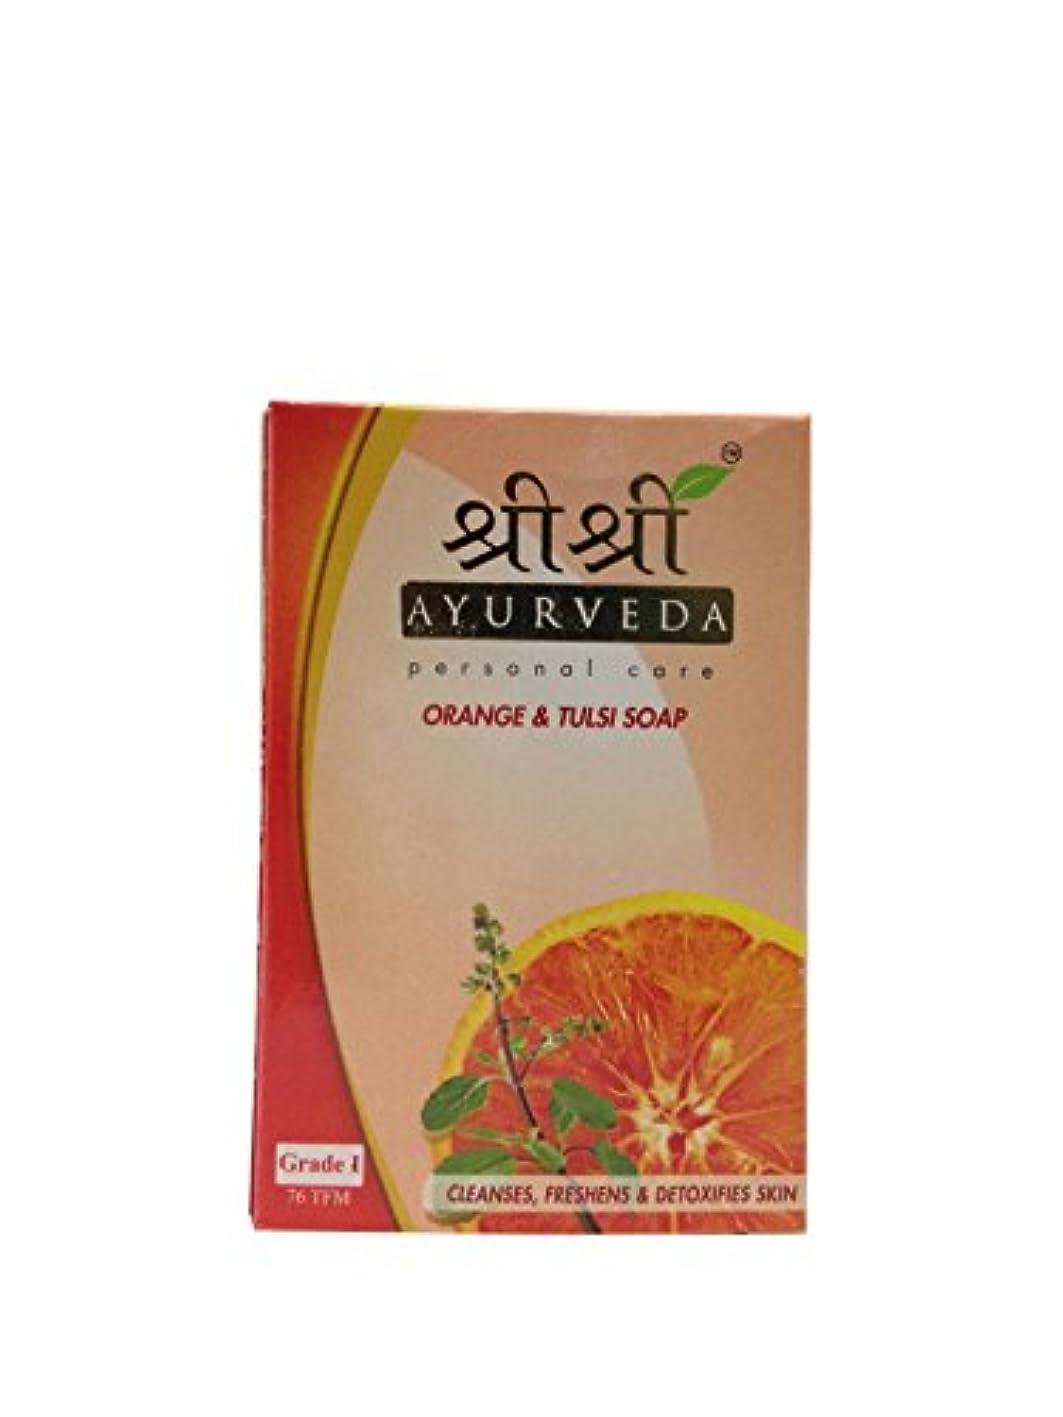 震えミケランジェロおっとSri Sri Ayurveda Orange & Tulsi Soap 100g…